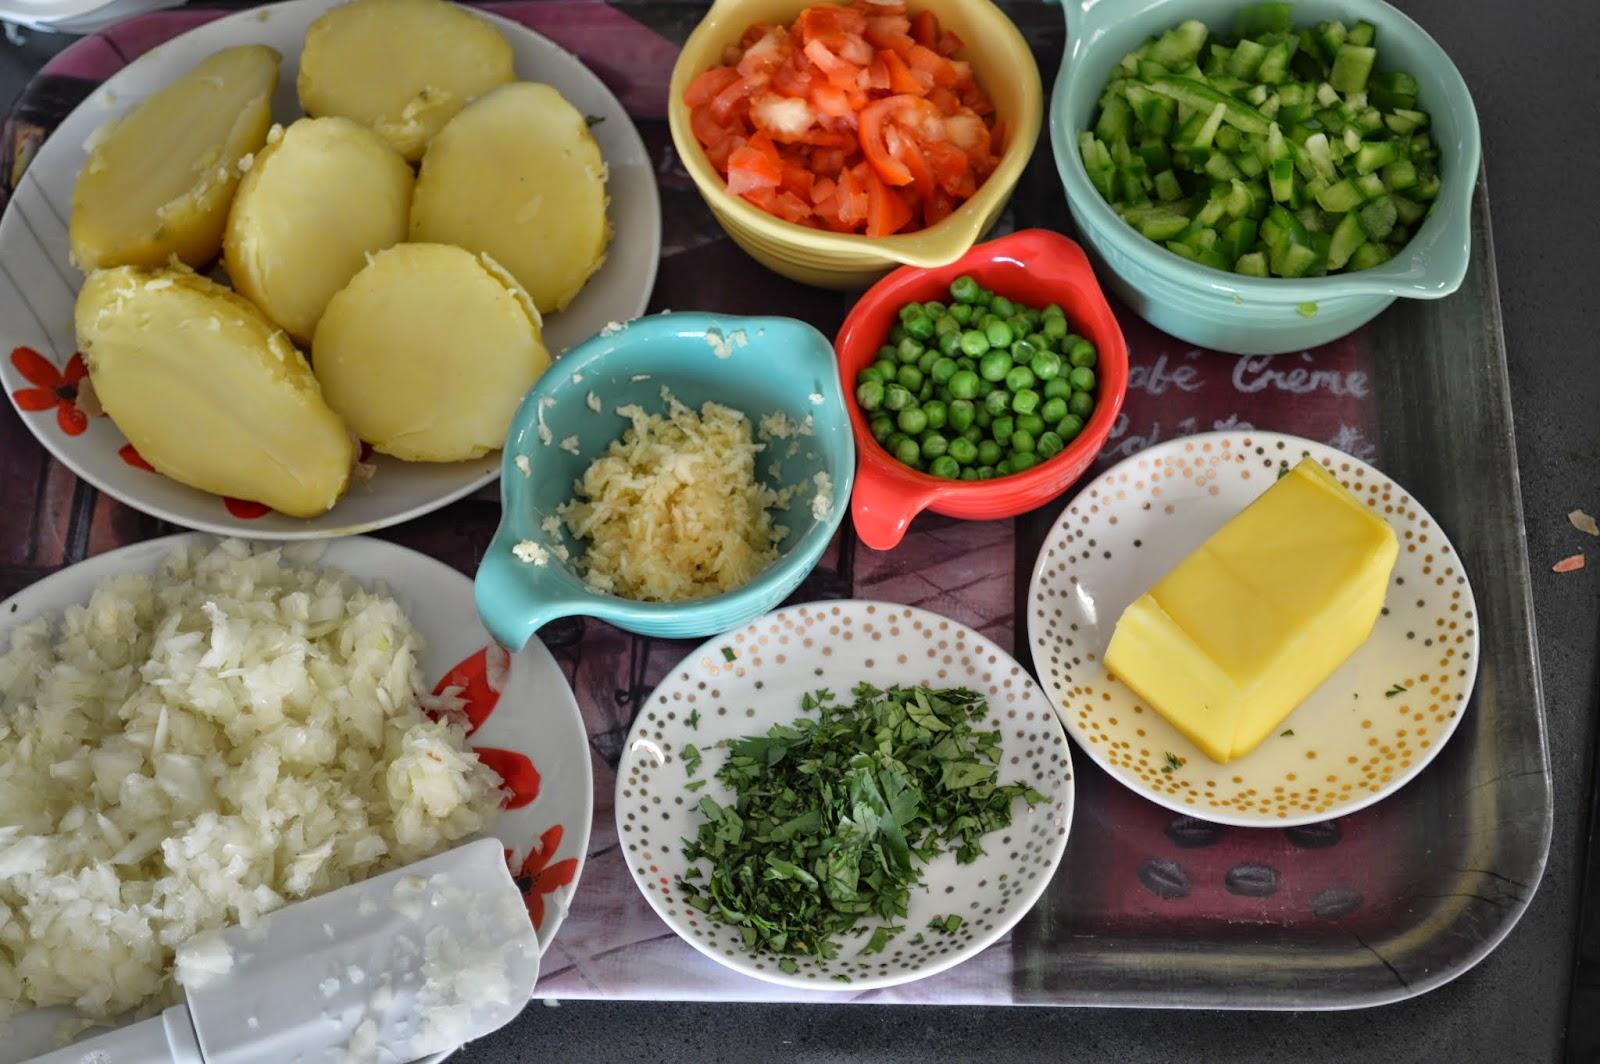 Ingredients for authentic pav bhaji